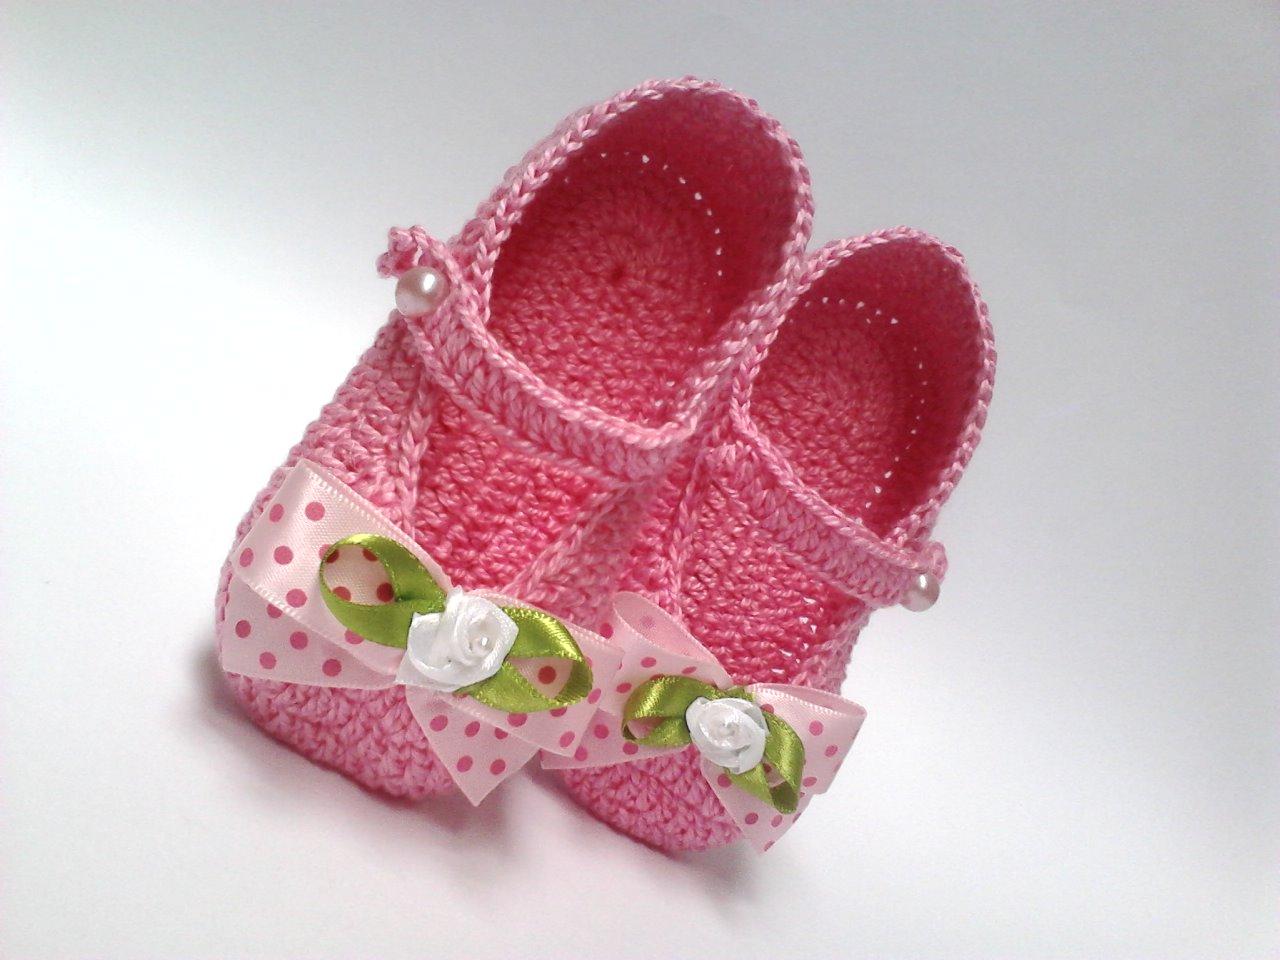 Femininos de Croche Outros Modelos de Sapatinho de Croche para Bebe  Feminino  b2ac885e14e